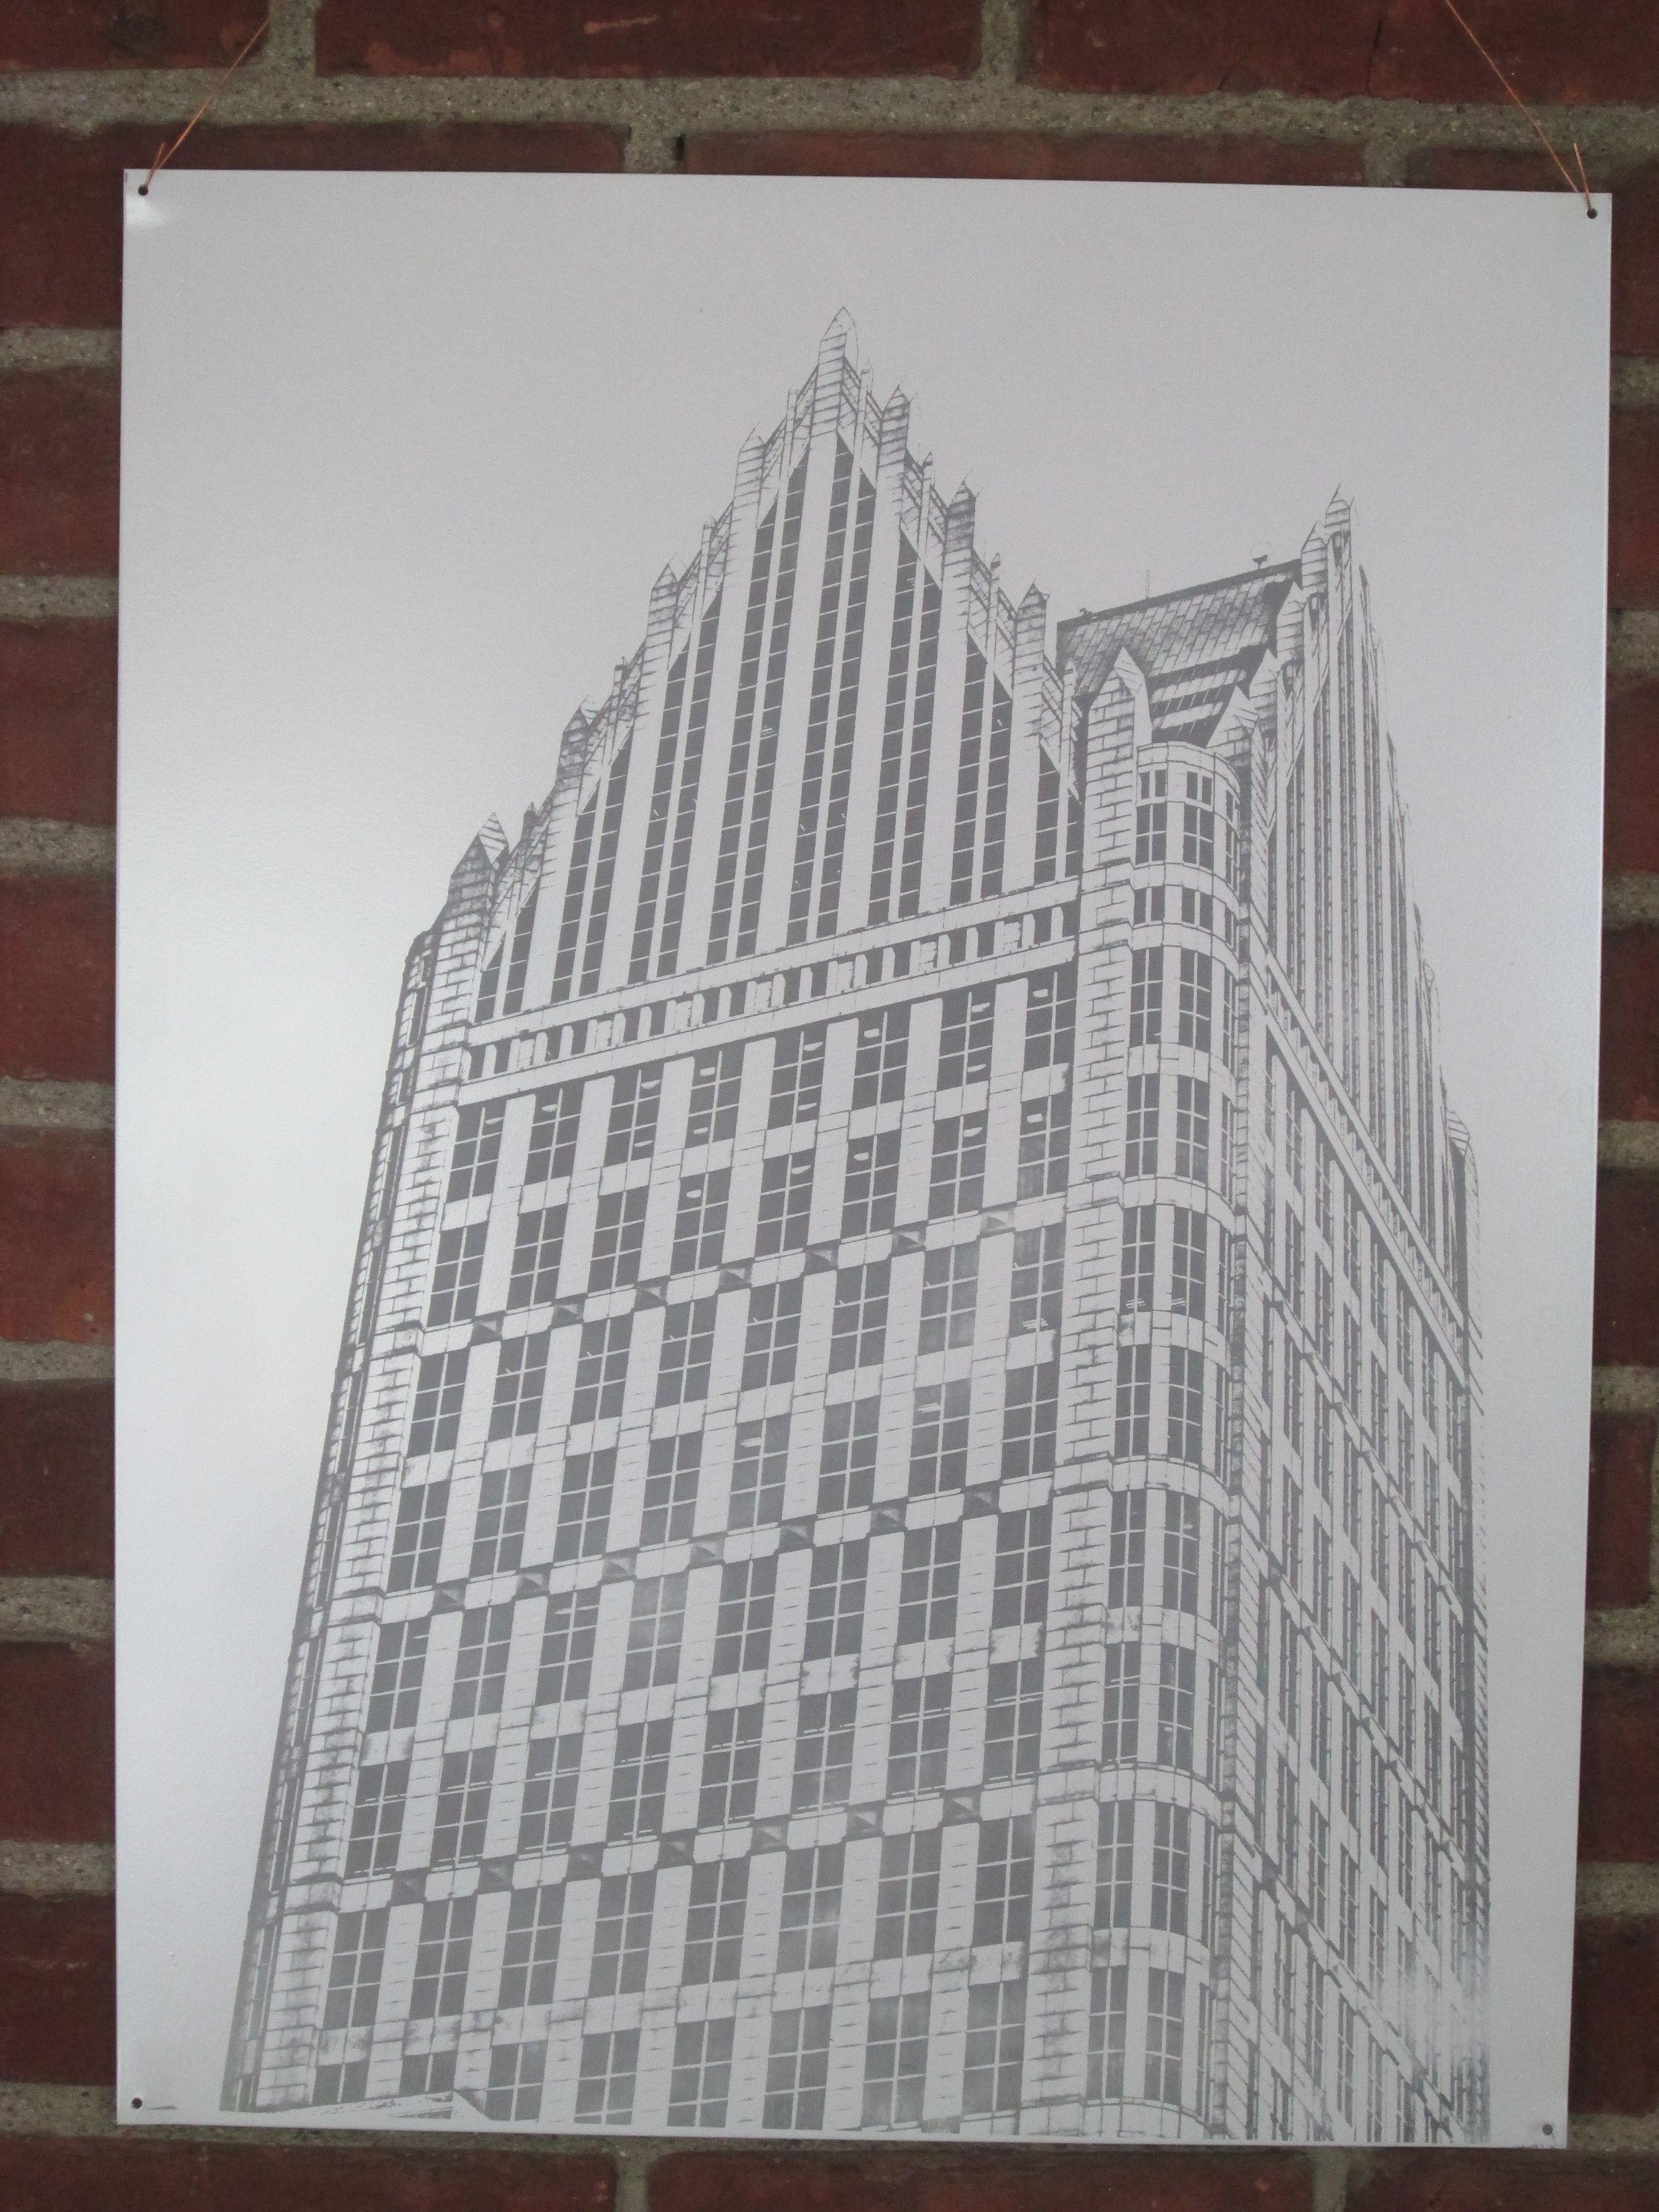 Detroit Center One